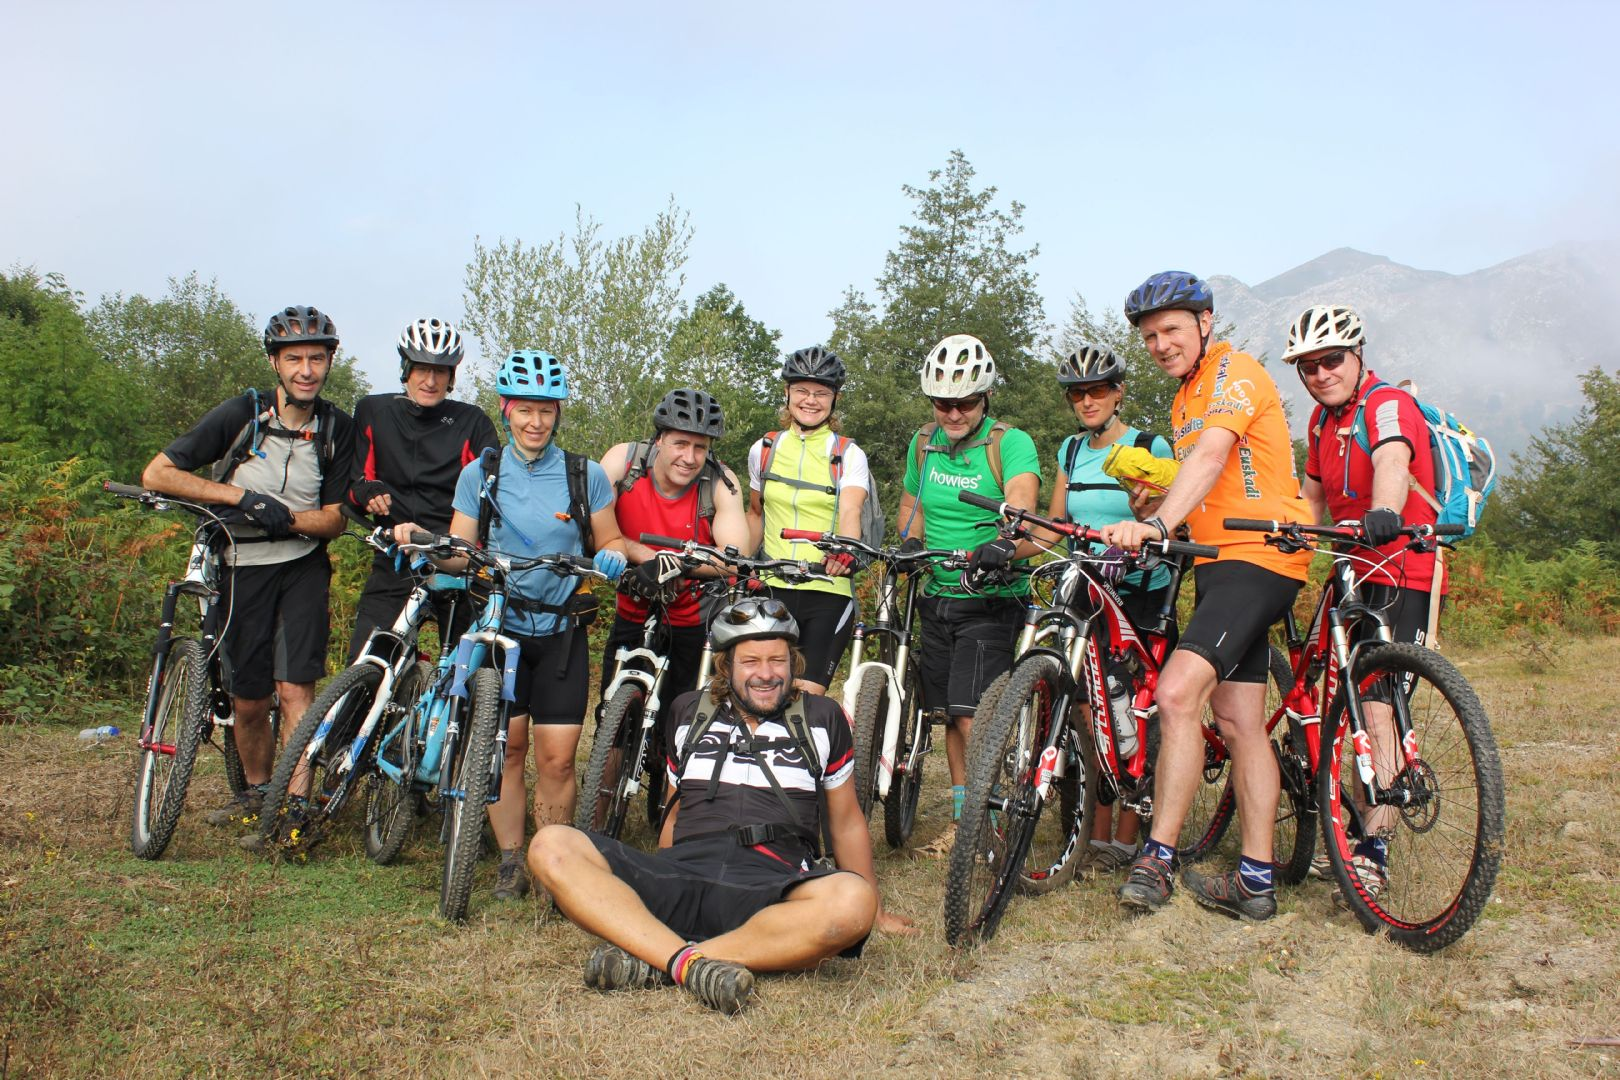 2012-09-10 22.08.58.jpg - Spain - Picos de Europa - Trans Picos - Guided Mountain Bike Holiday - Mountain Biking